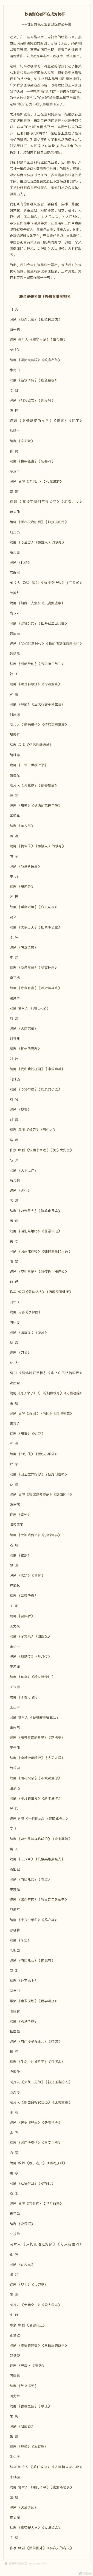 琼瑶、束焕等111位从业人士联名抵制于正、郭敬明